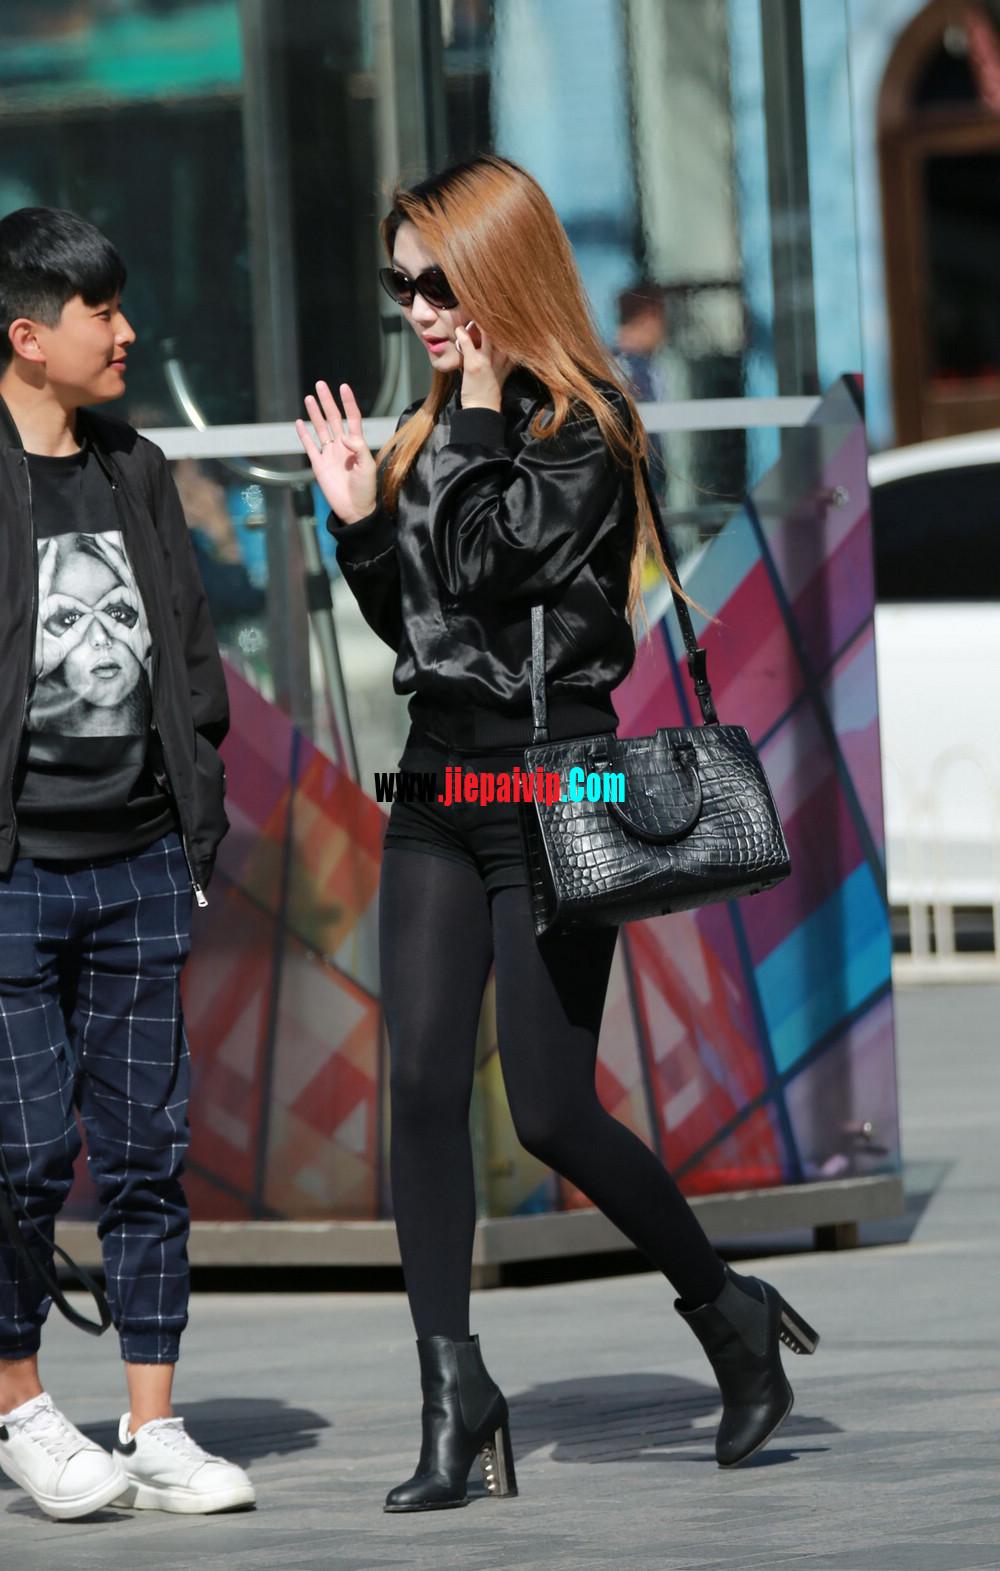 时髦的黑丝美腿美女,边上的色男人一直盯着她的丝袜美腿9